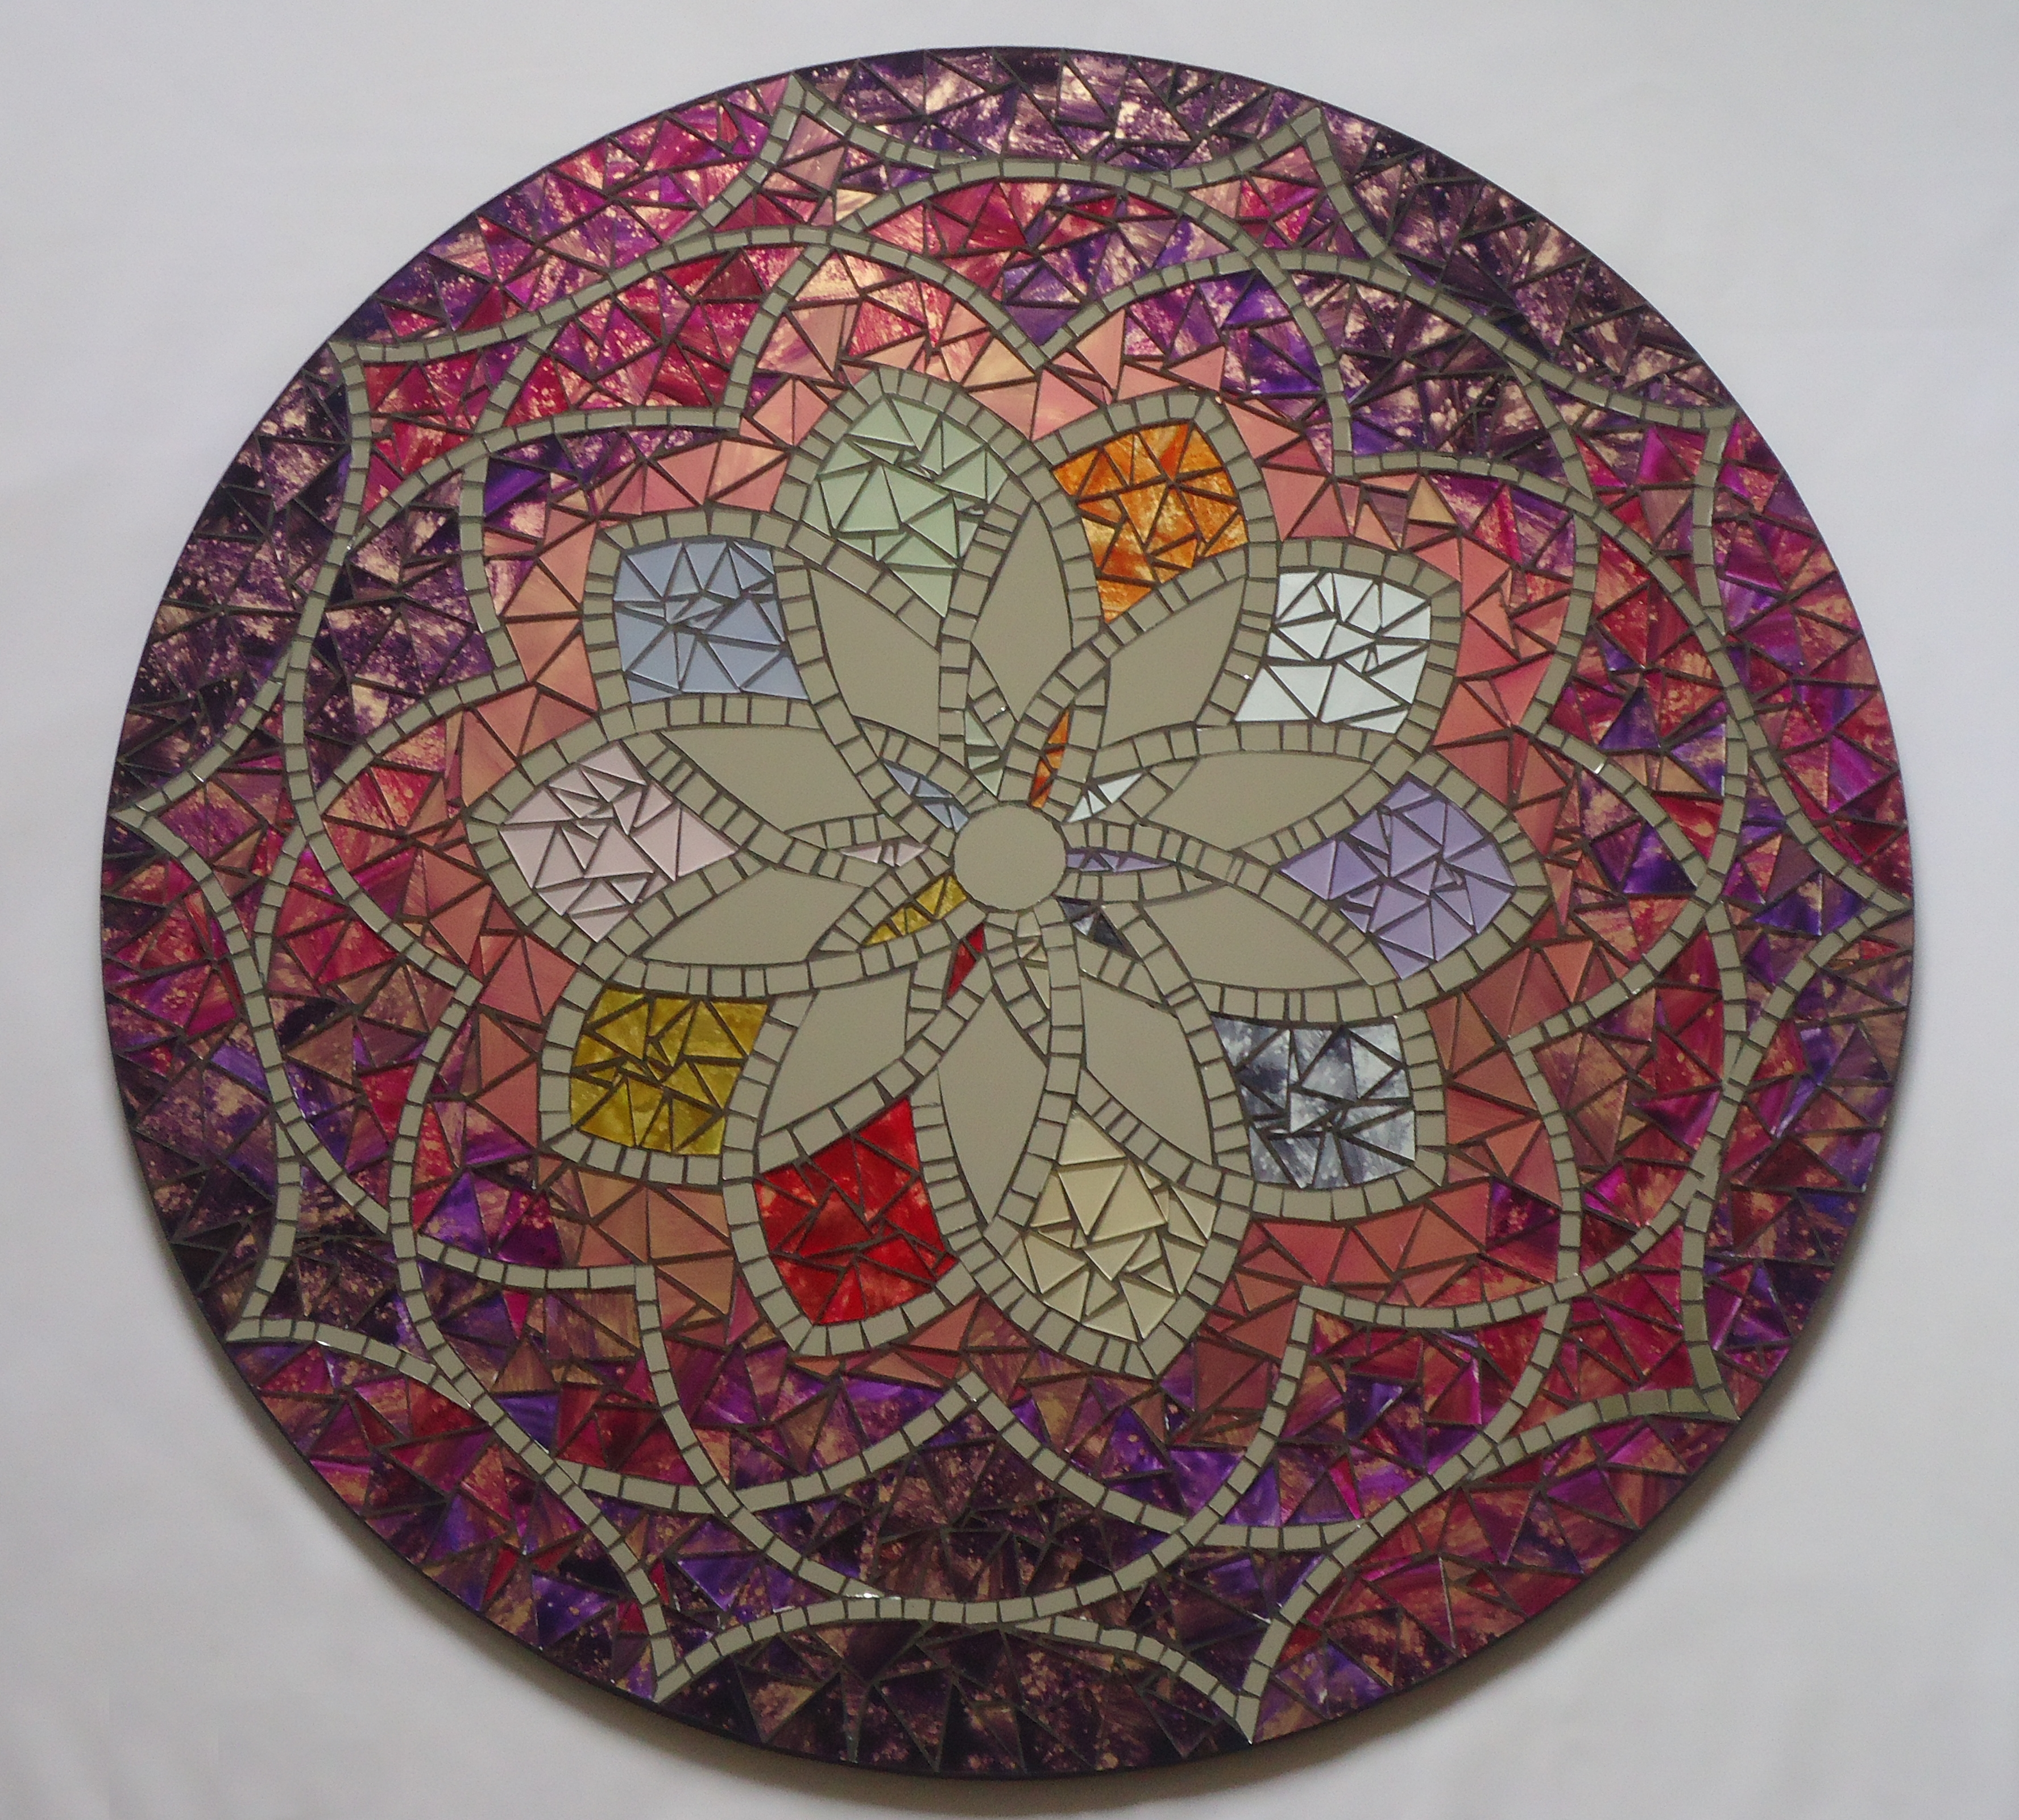 Mandala 70cm cl o mosaicos elo7 for Cuadros mandalas feng shui decoracion mandalas